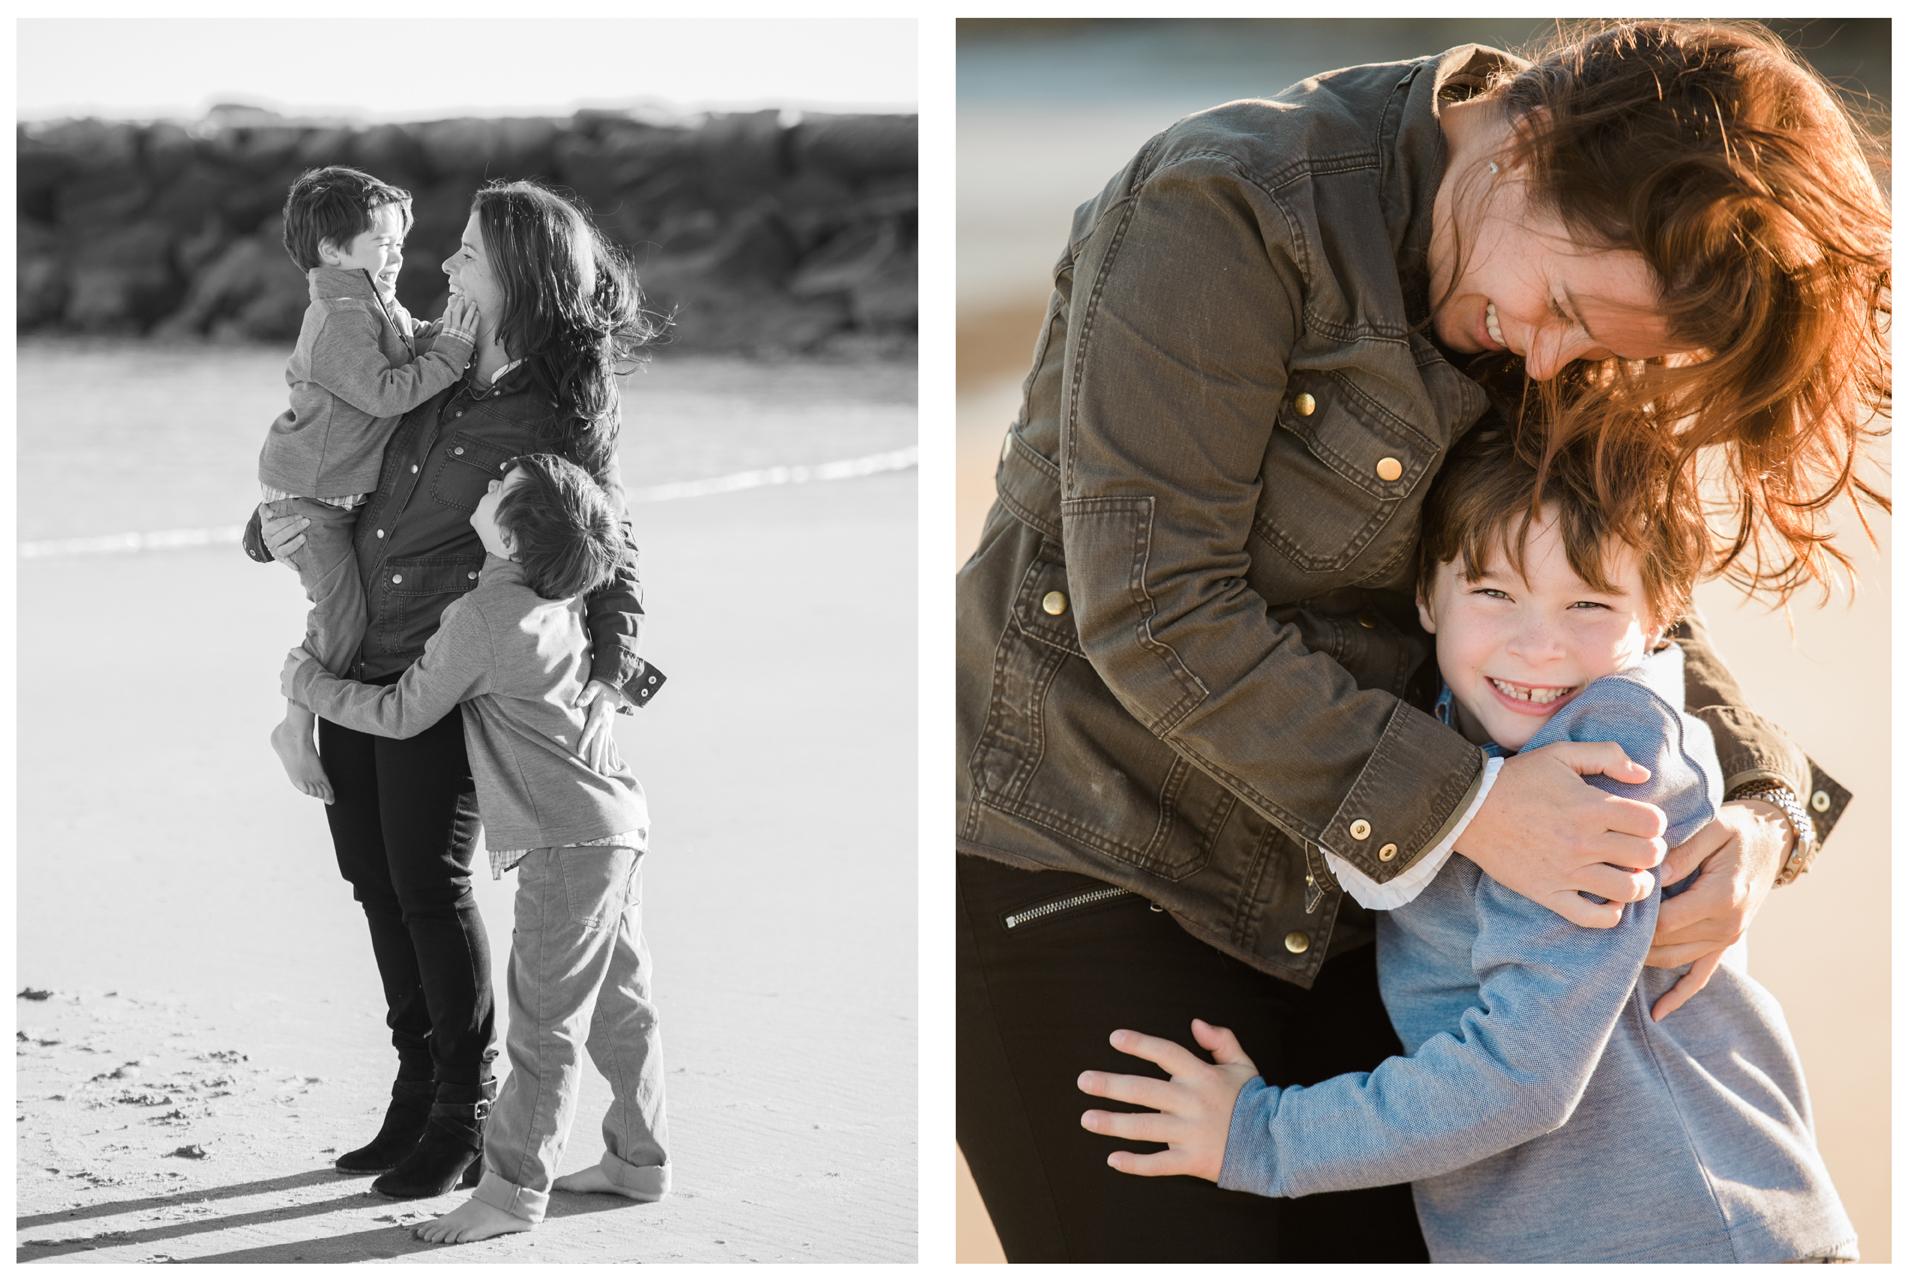 Family-Photographer-Sweet-Light-Portraits81.jpg